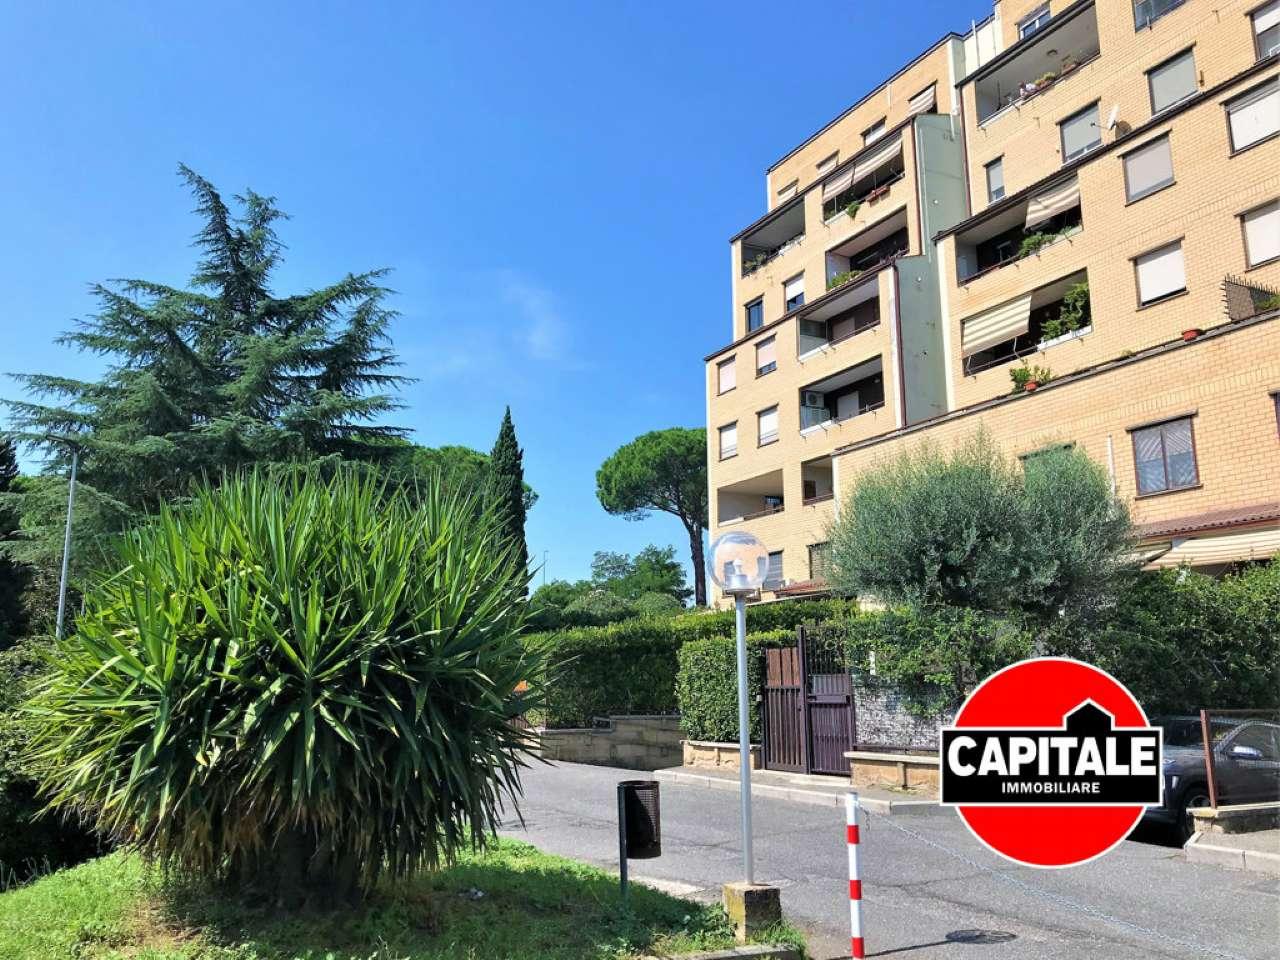 Appartamento in vendita a Roma, 3 locali, zona Zona: 33 . Quarto Casale, Labaro, Valle Muricana, Prima Porta, prezzo € 175.000 | CambioCasa.it